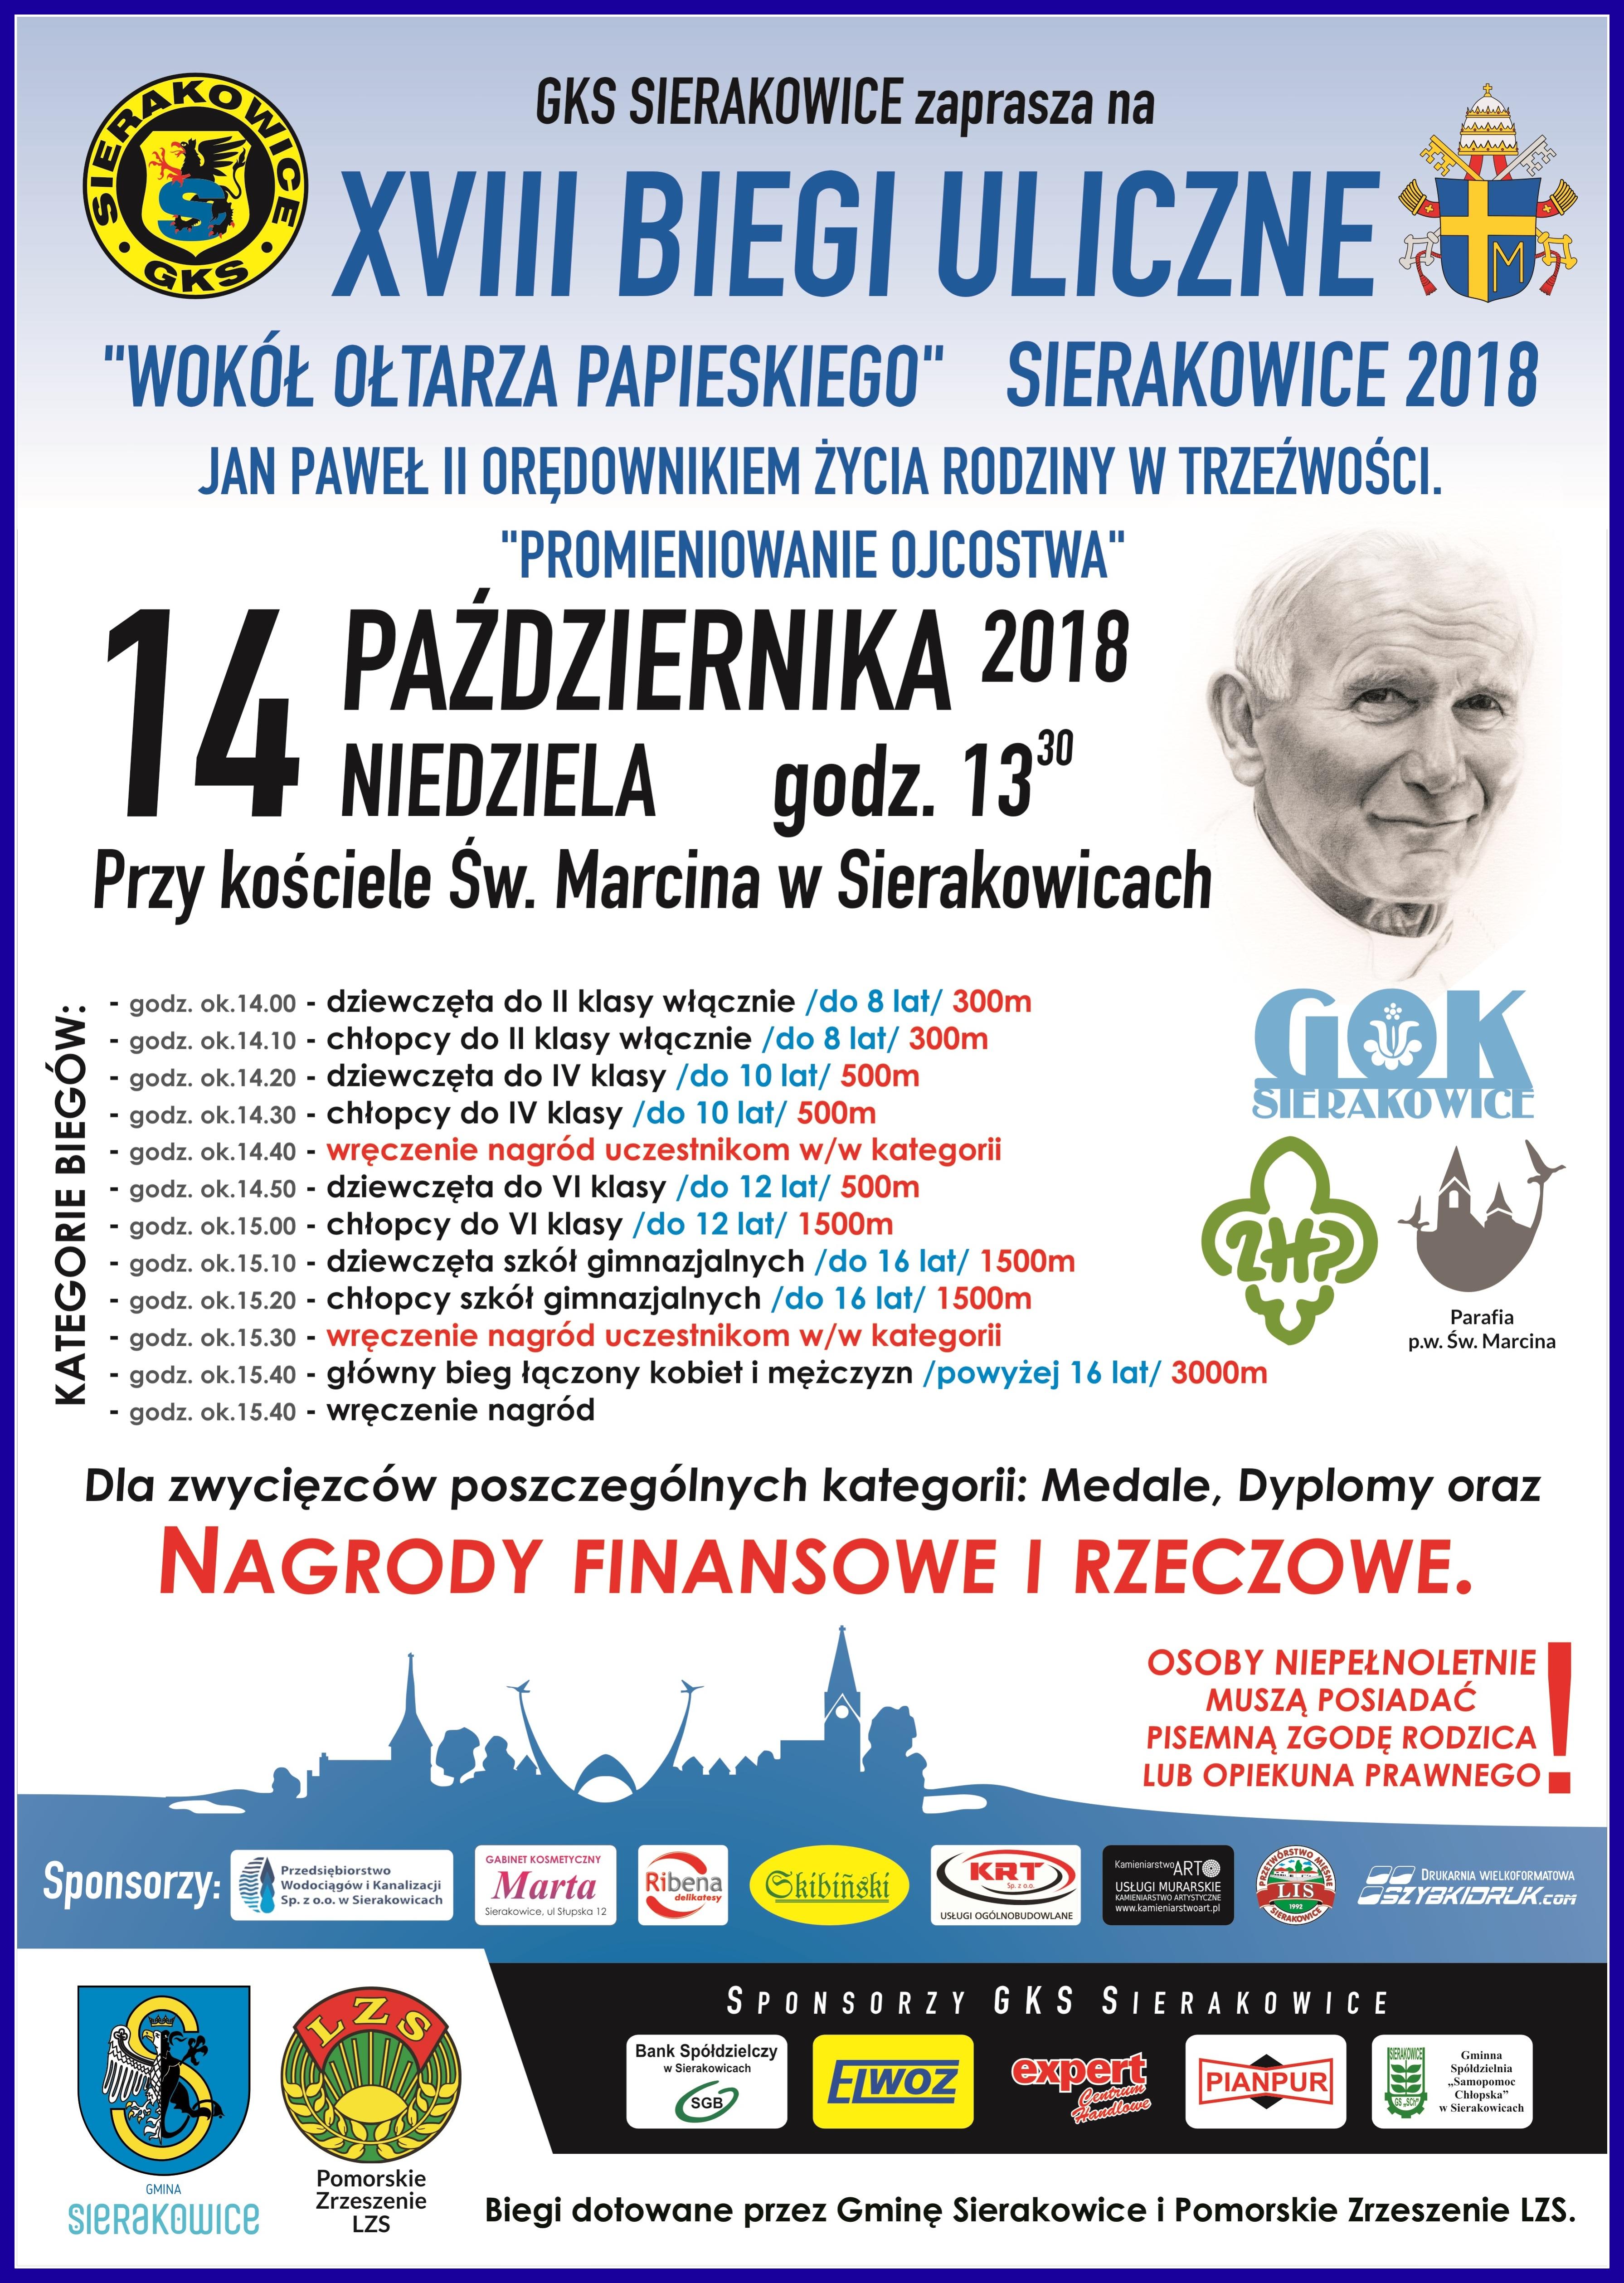 """XVIII Biegi Uliczne ,,Wokół ołtarza papieskiego"""" - Sierakowice"""